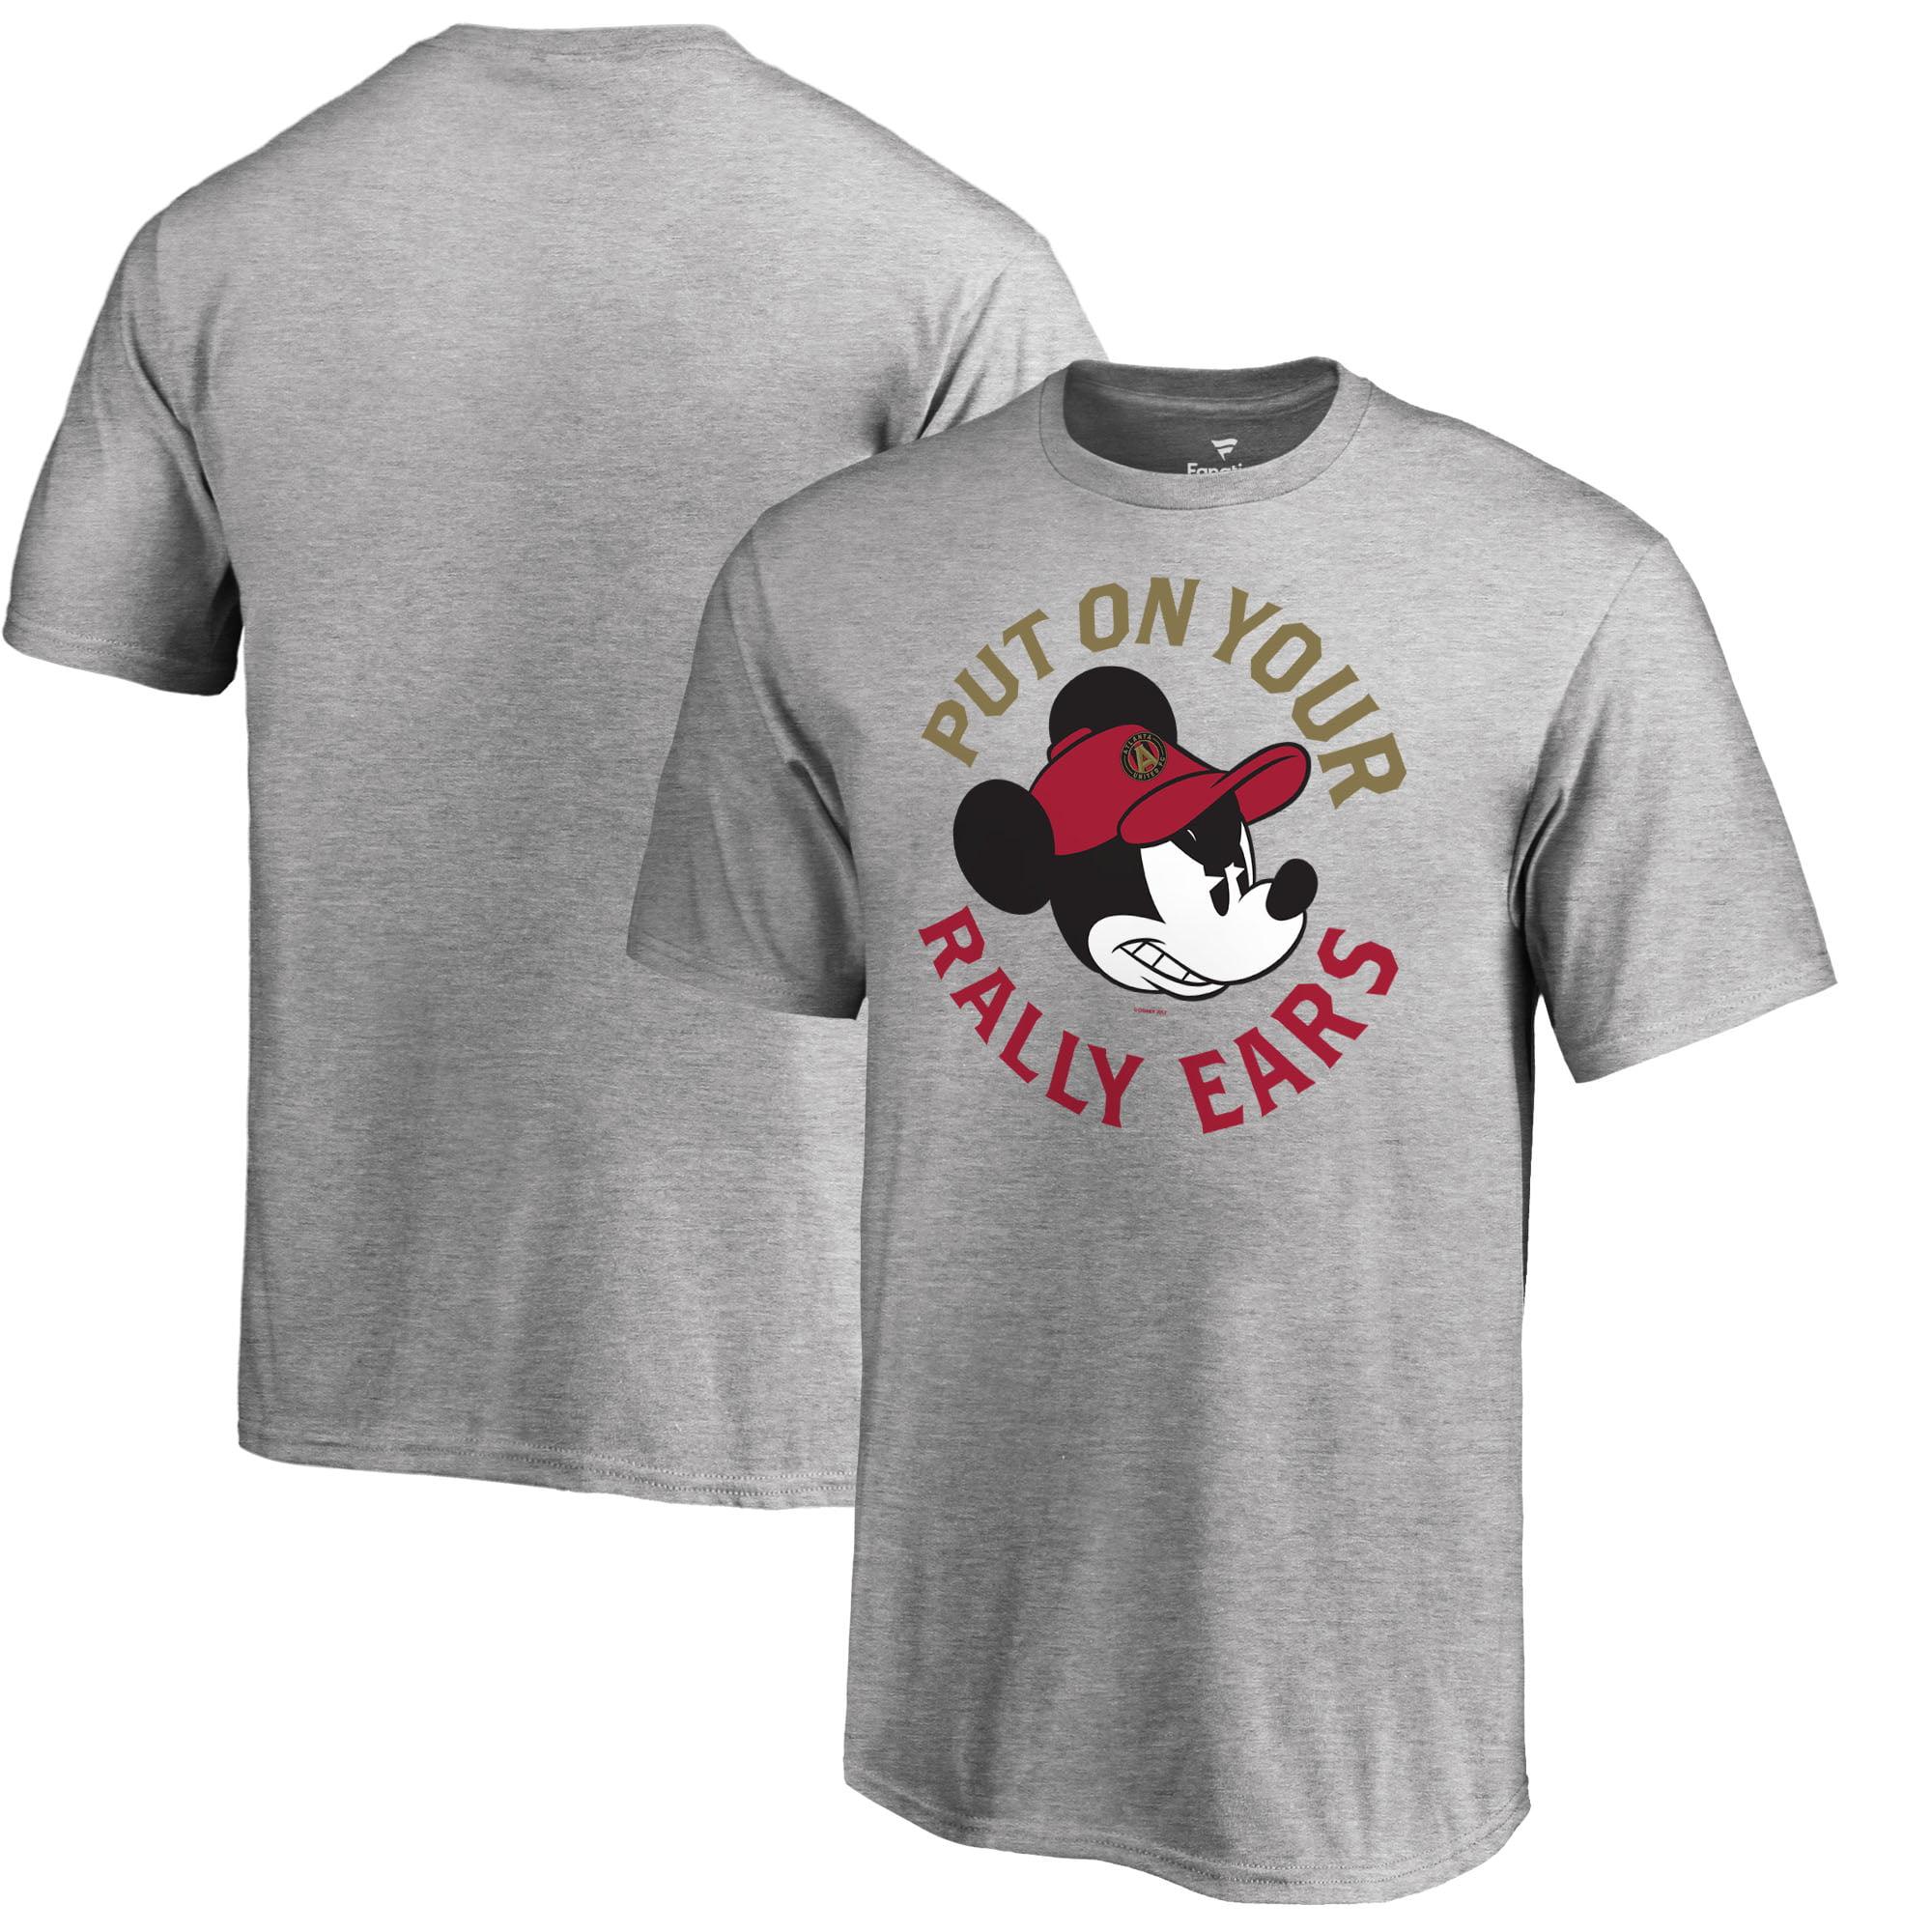 Atlanta United FC Fanatics Branded Youth Disney Rally Ears T-Shirt - Heathered Gray